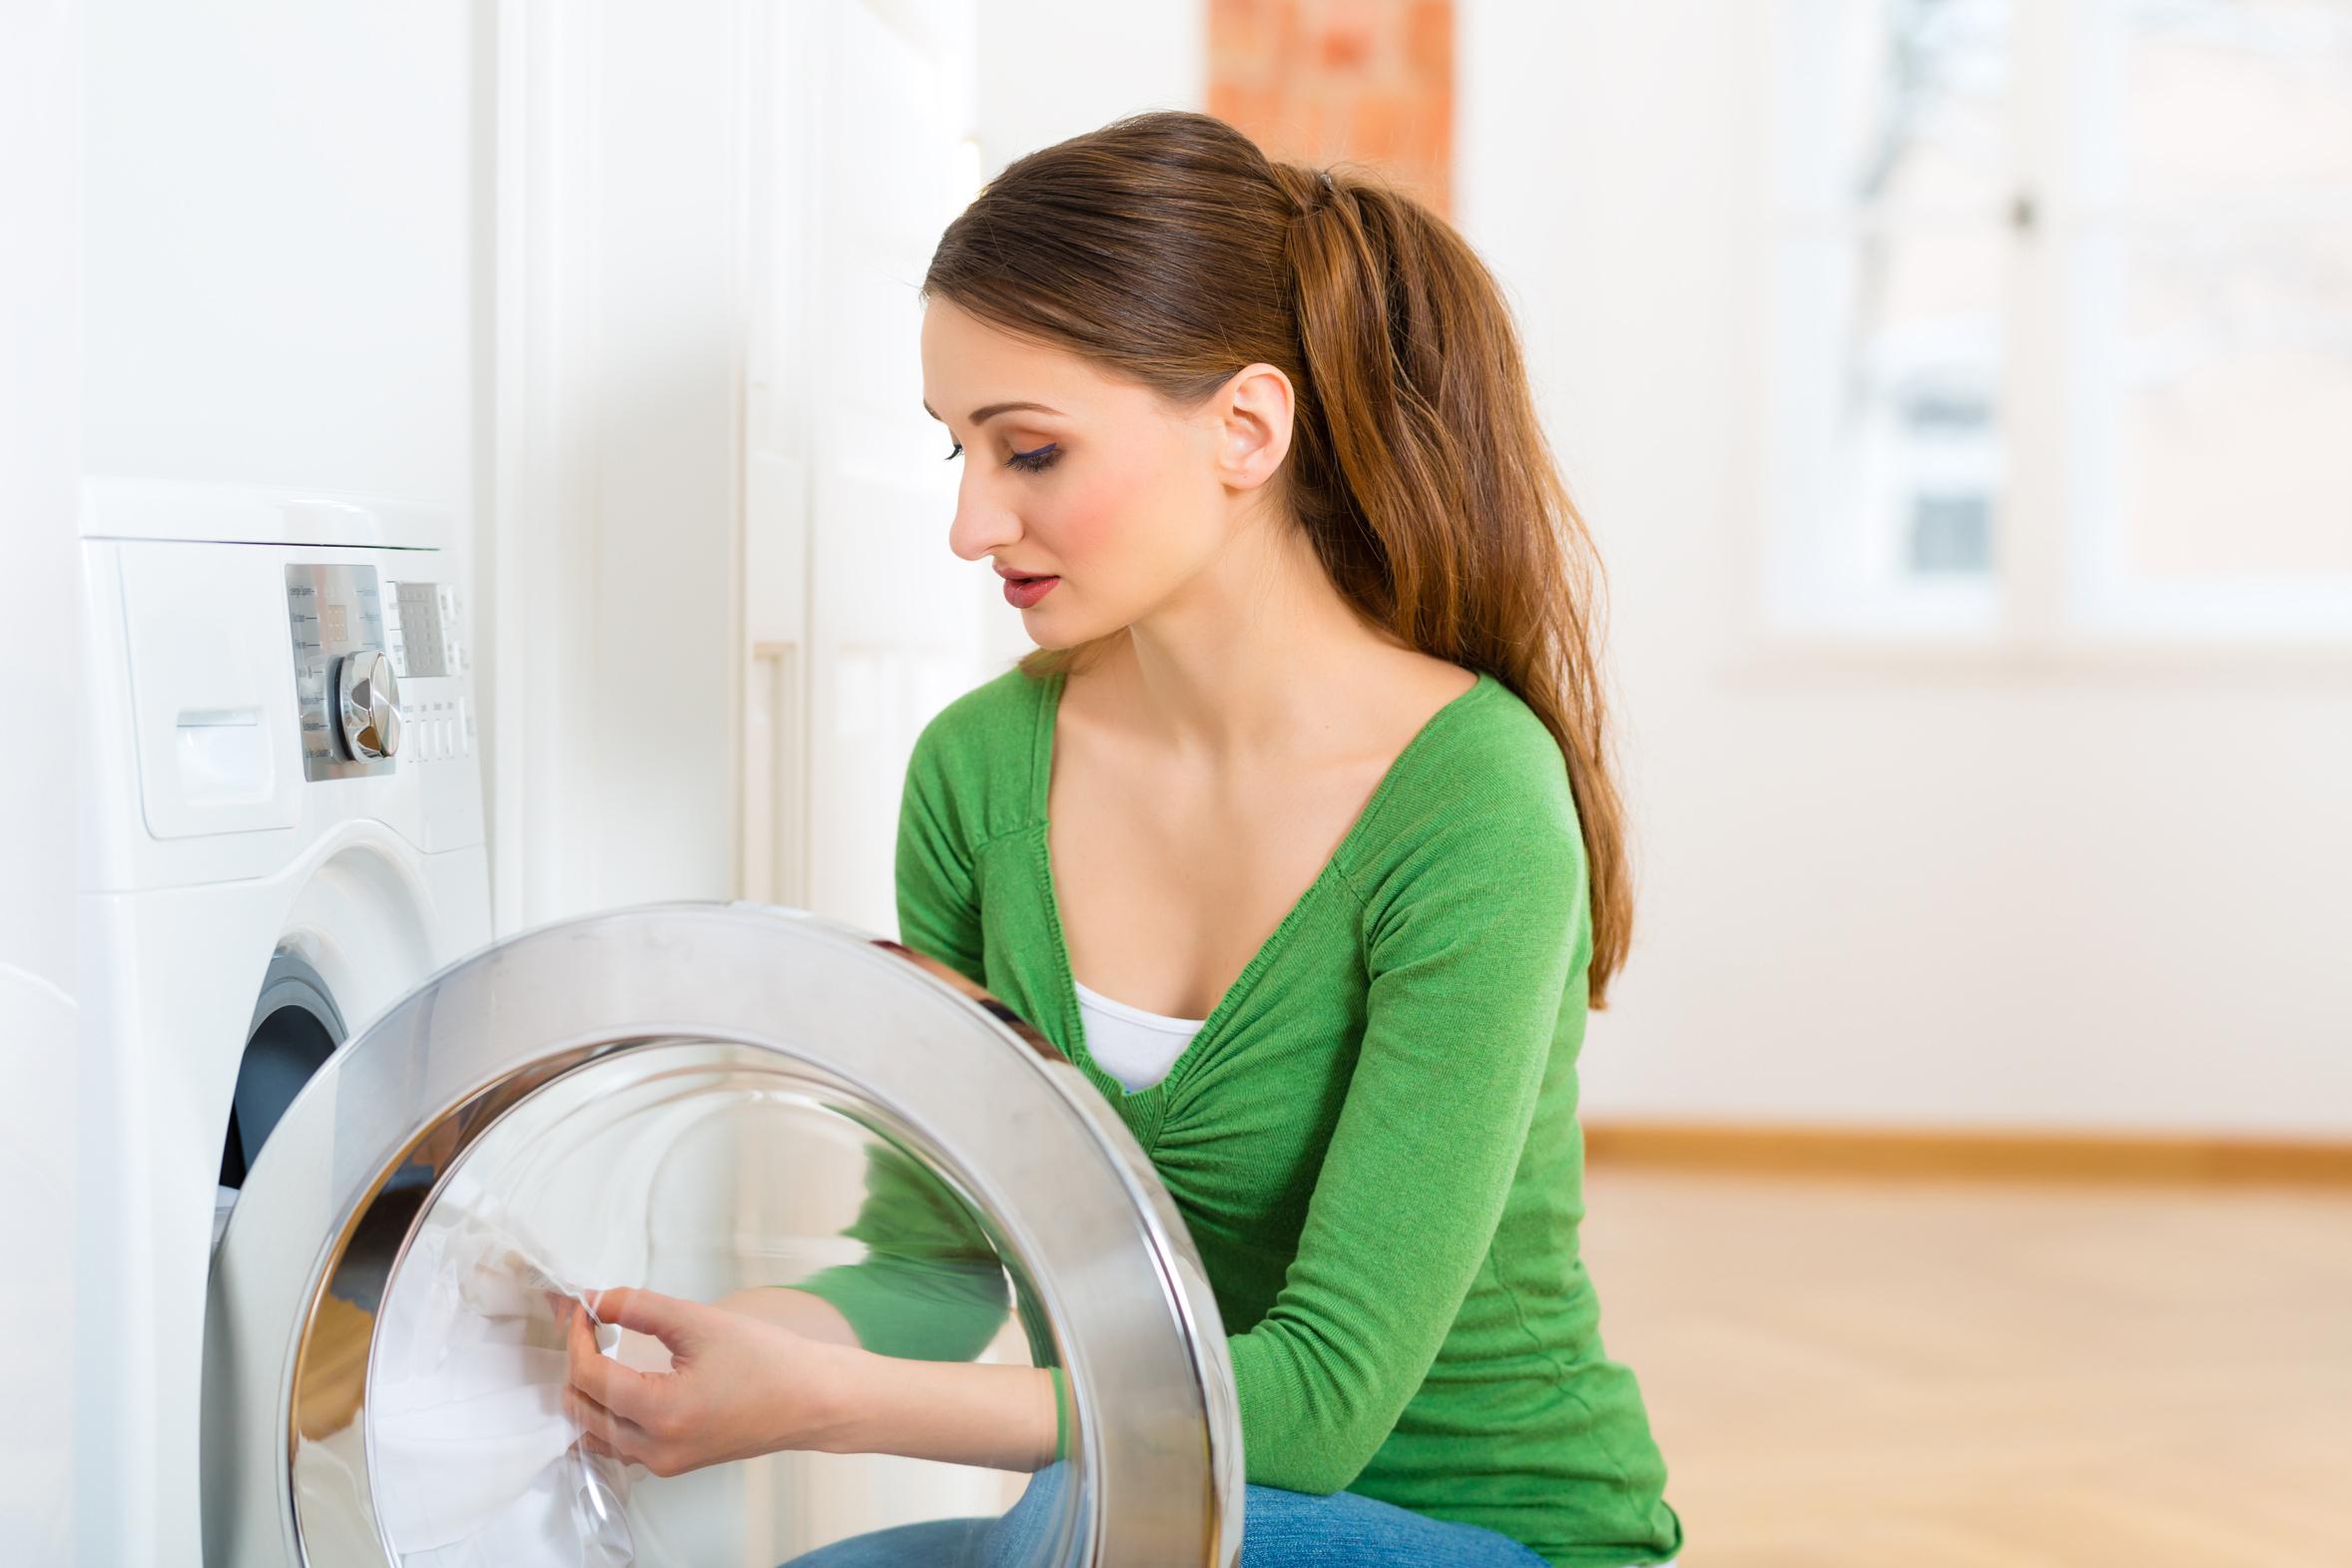 unterw sche auf grad waschen keno kent kalmuck fixspannauflage. Black Bedroom Furniture Sets. Home Design Ideas